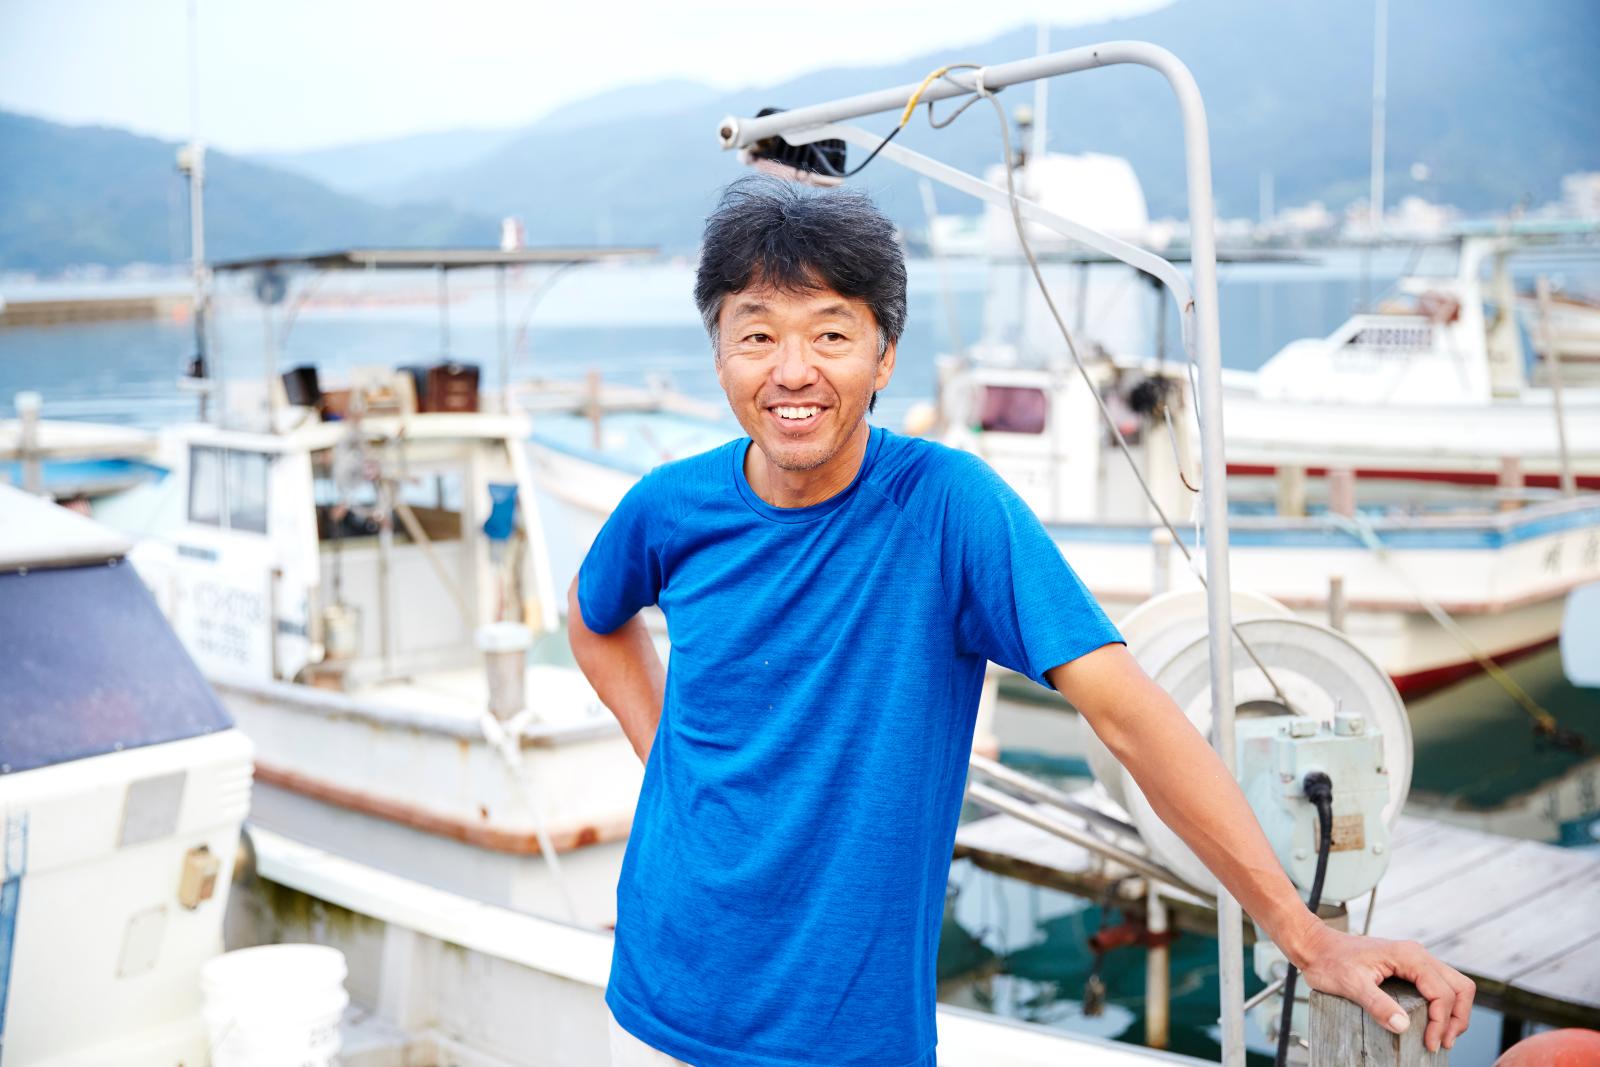 国立水産試験場を退職後、プロの漁師に。トリ貝の養殖にも力を注ぐ。「シェフや料理人とつながると、こちらの思いが伝わっていくと感じます」